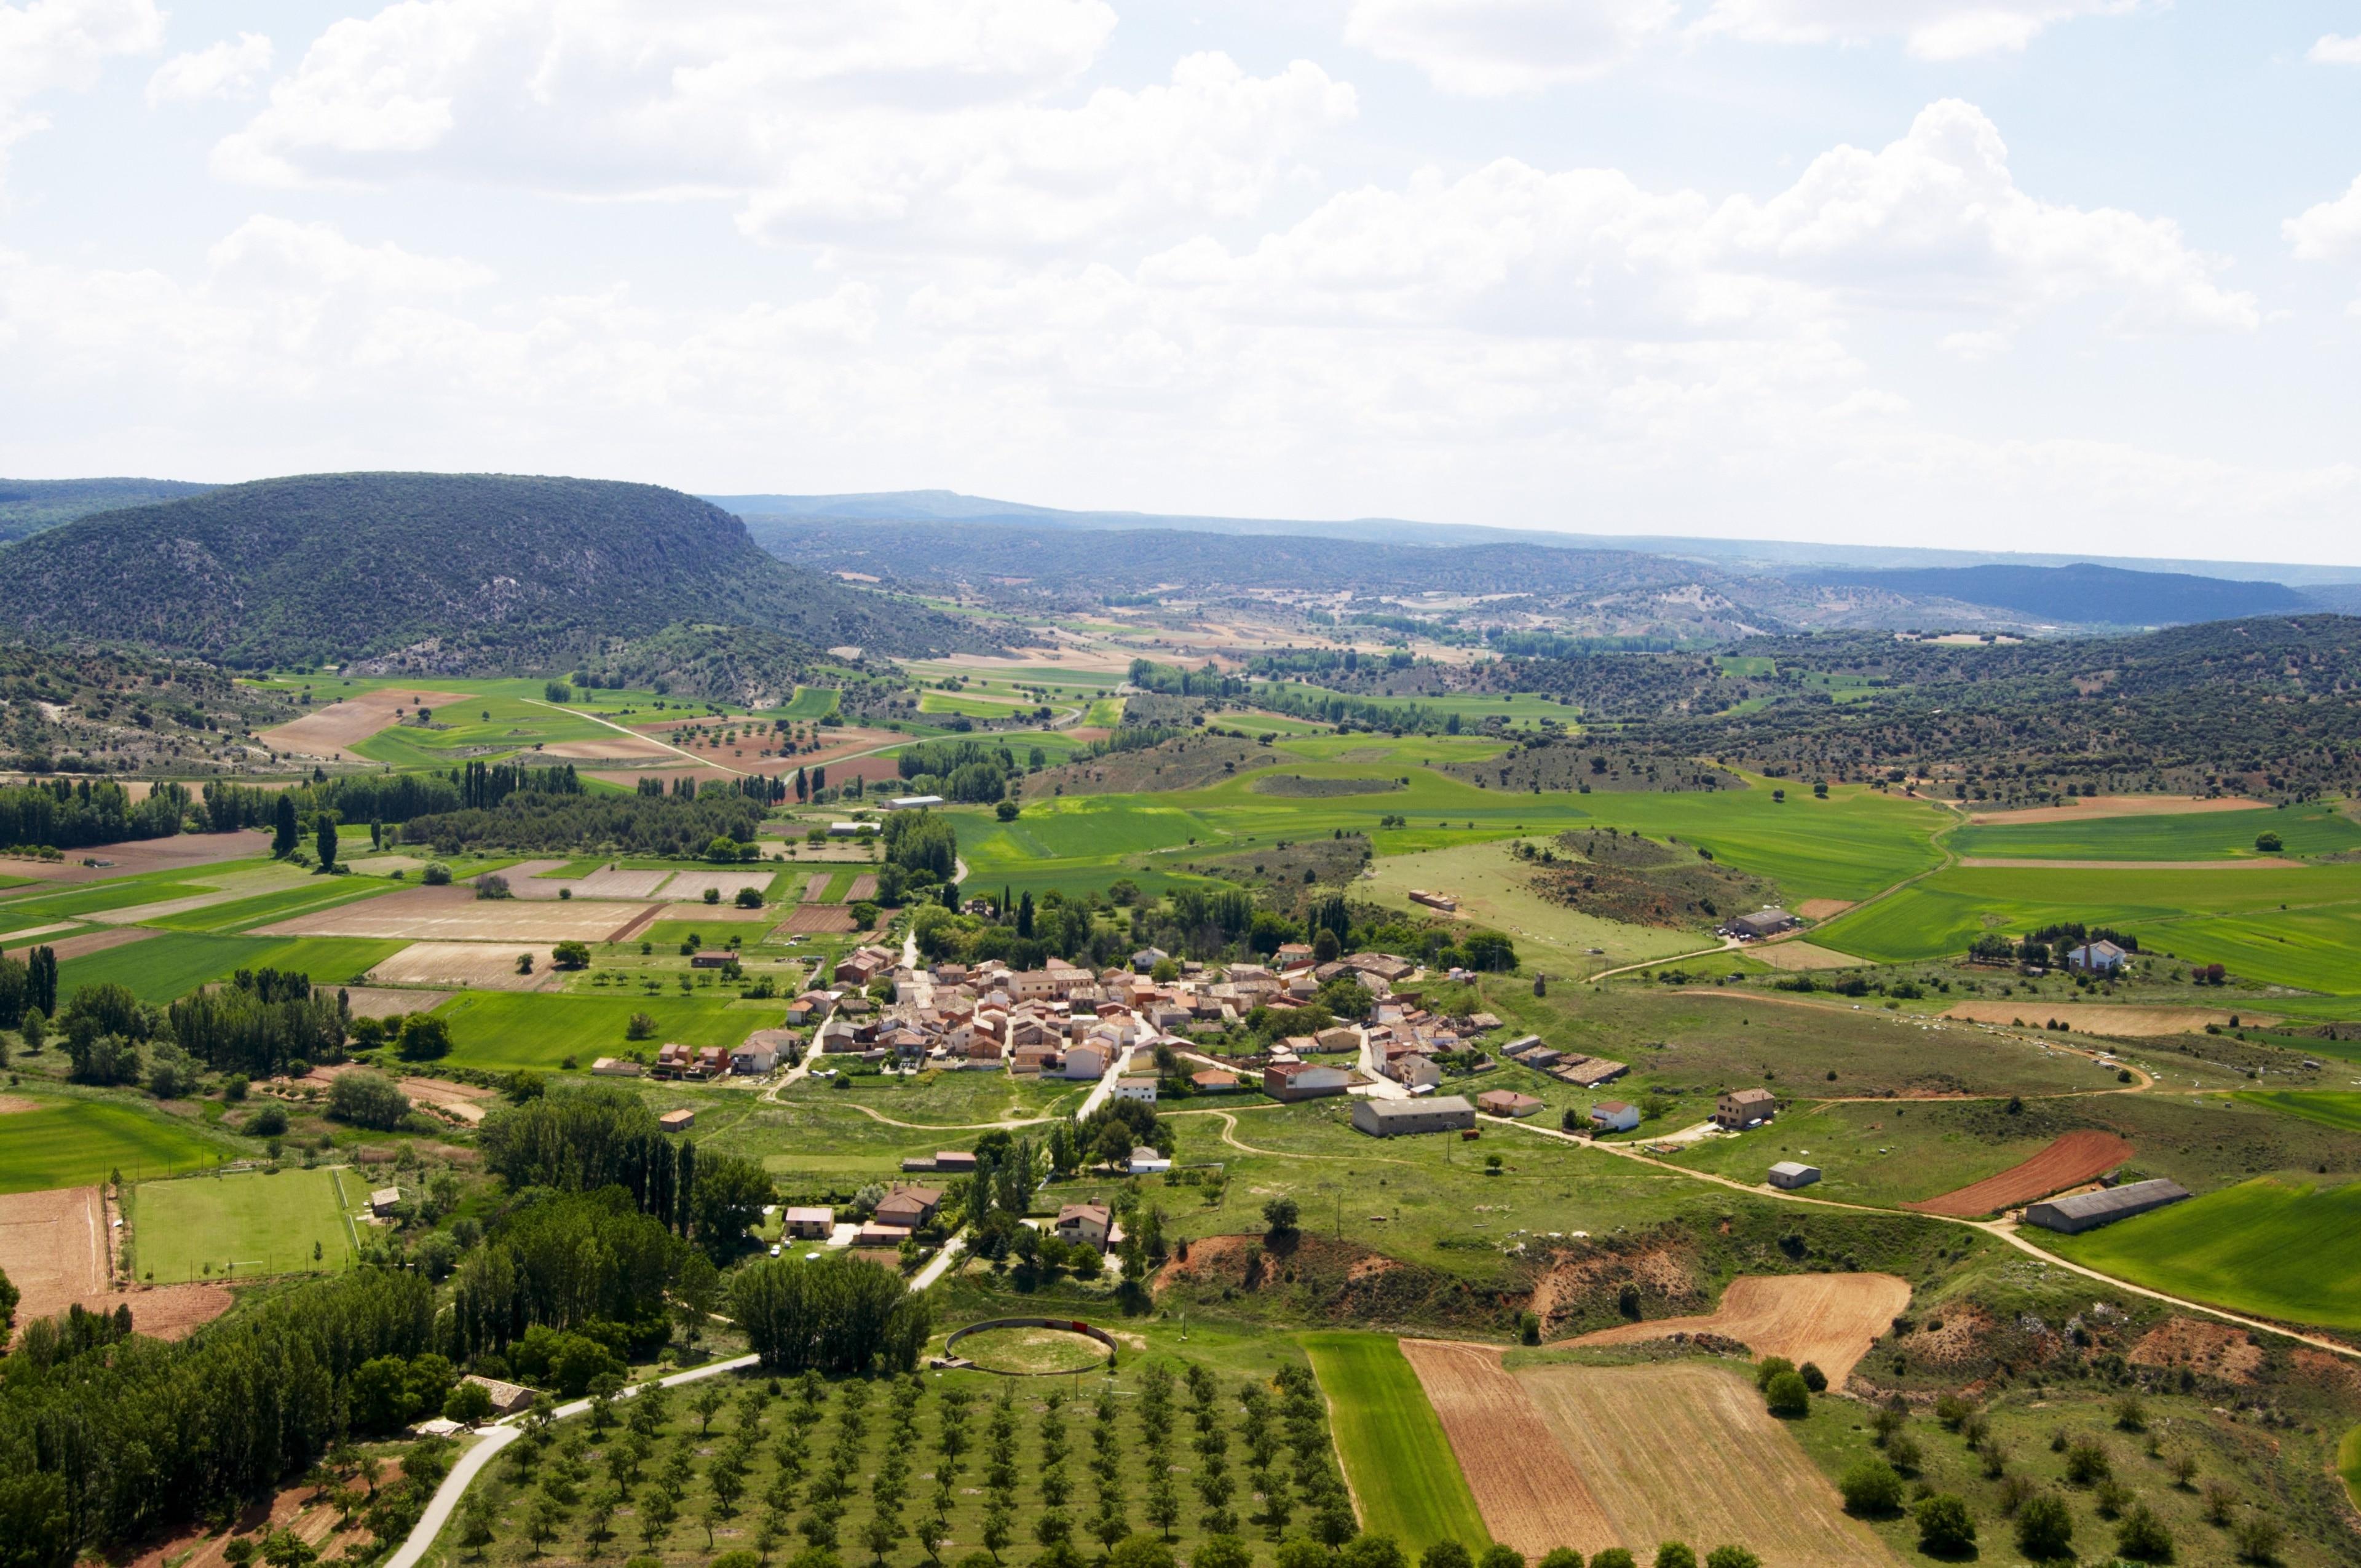 Provincia de Guadalajara, Castilla-La Mancha, España